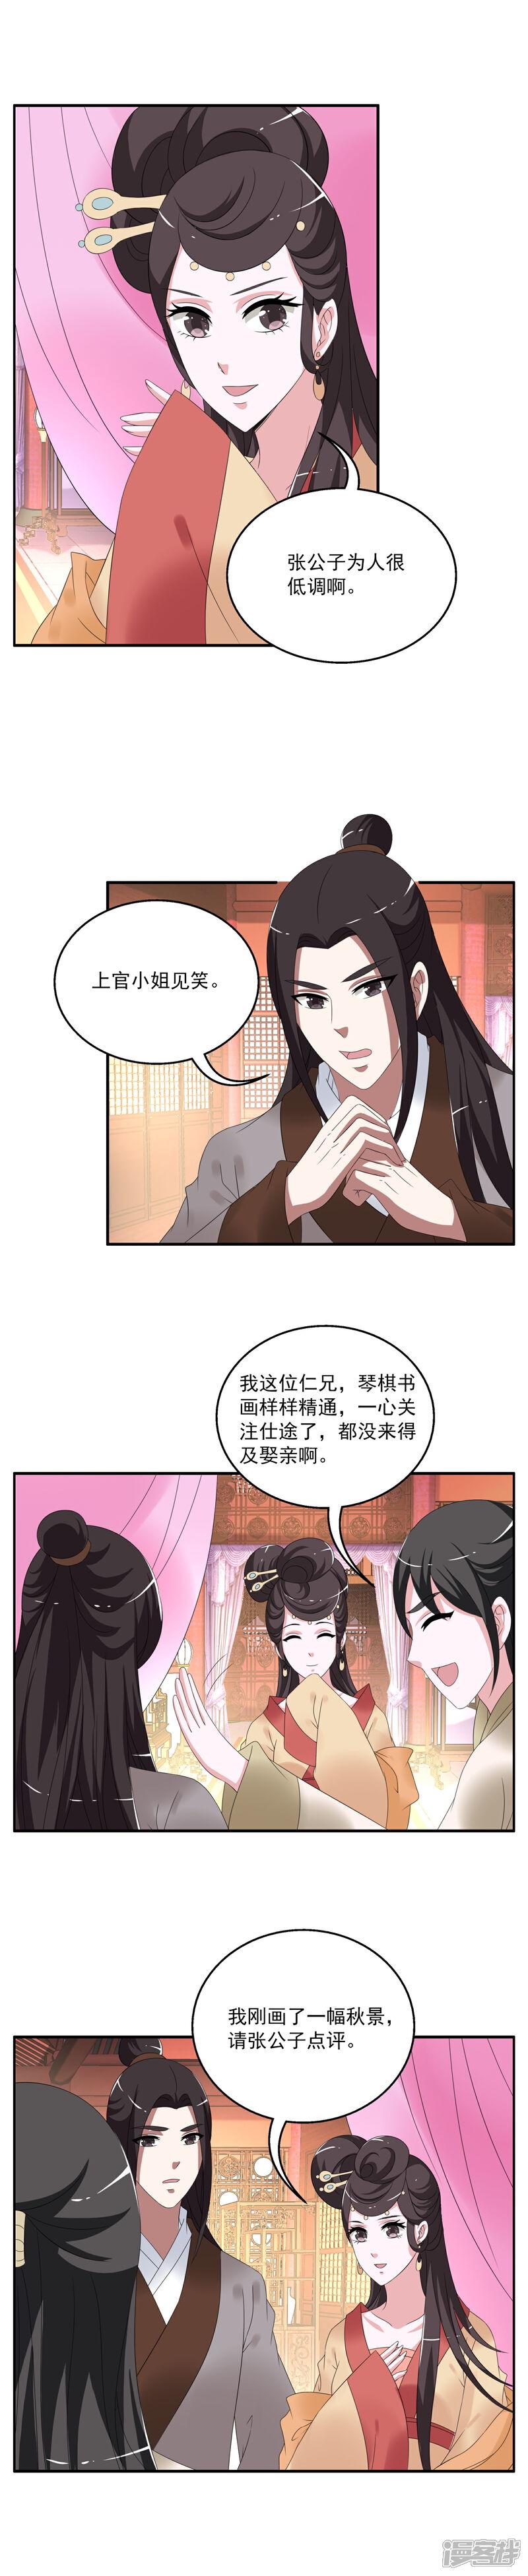 洛小妖158 (6).JPG